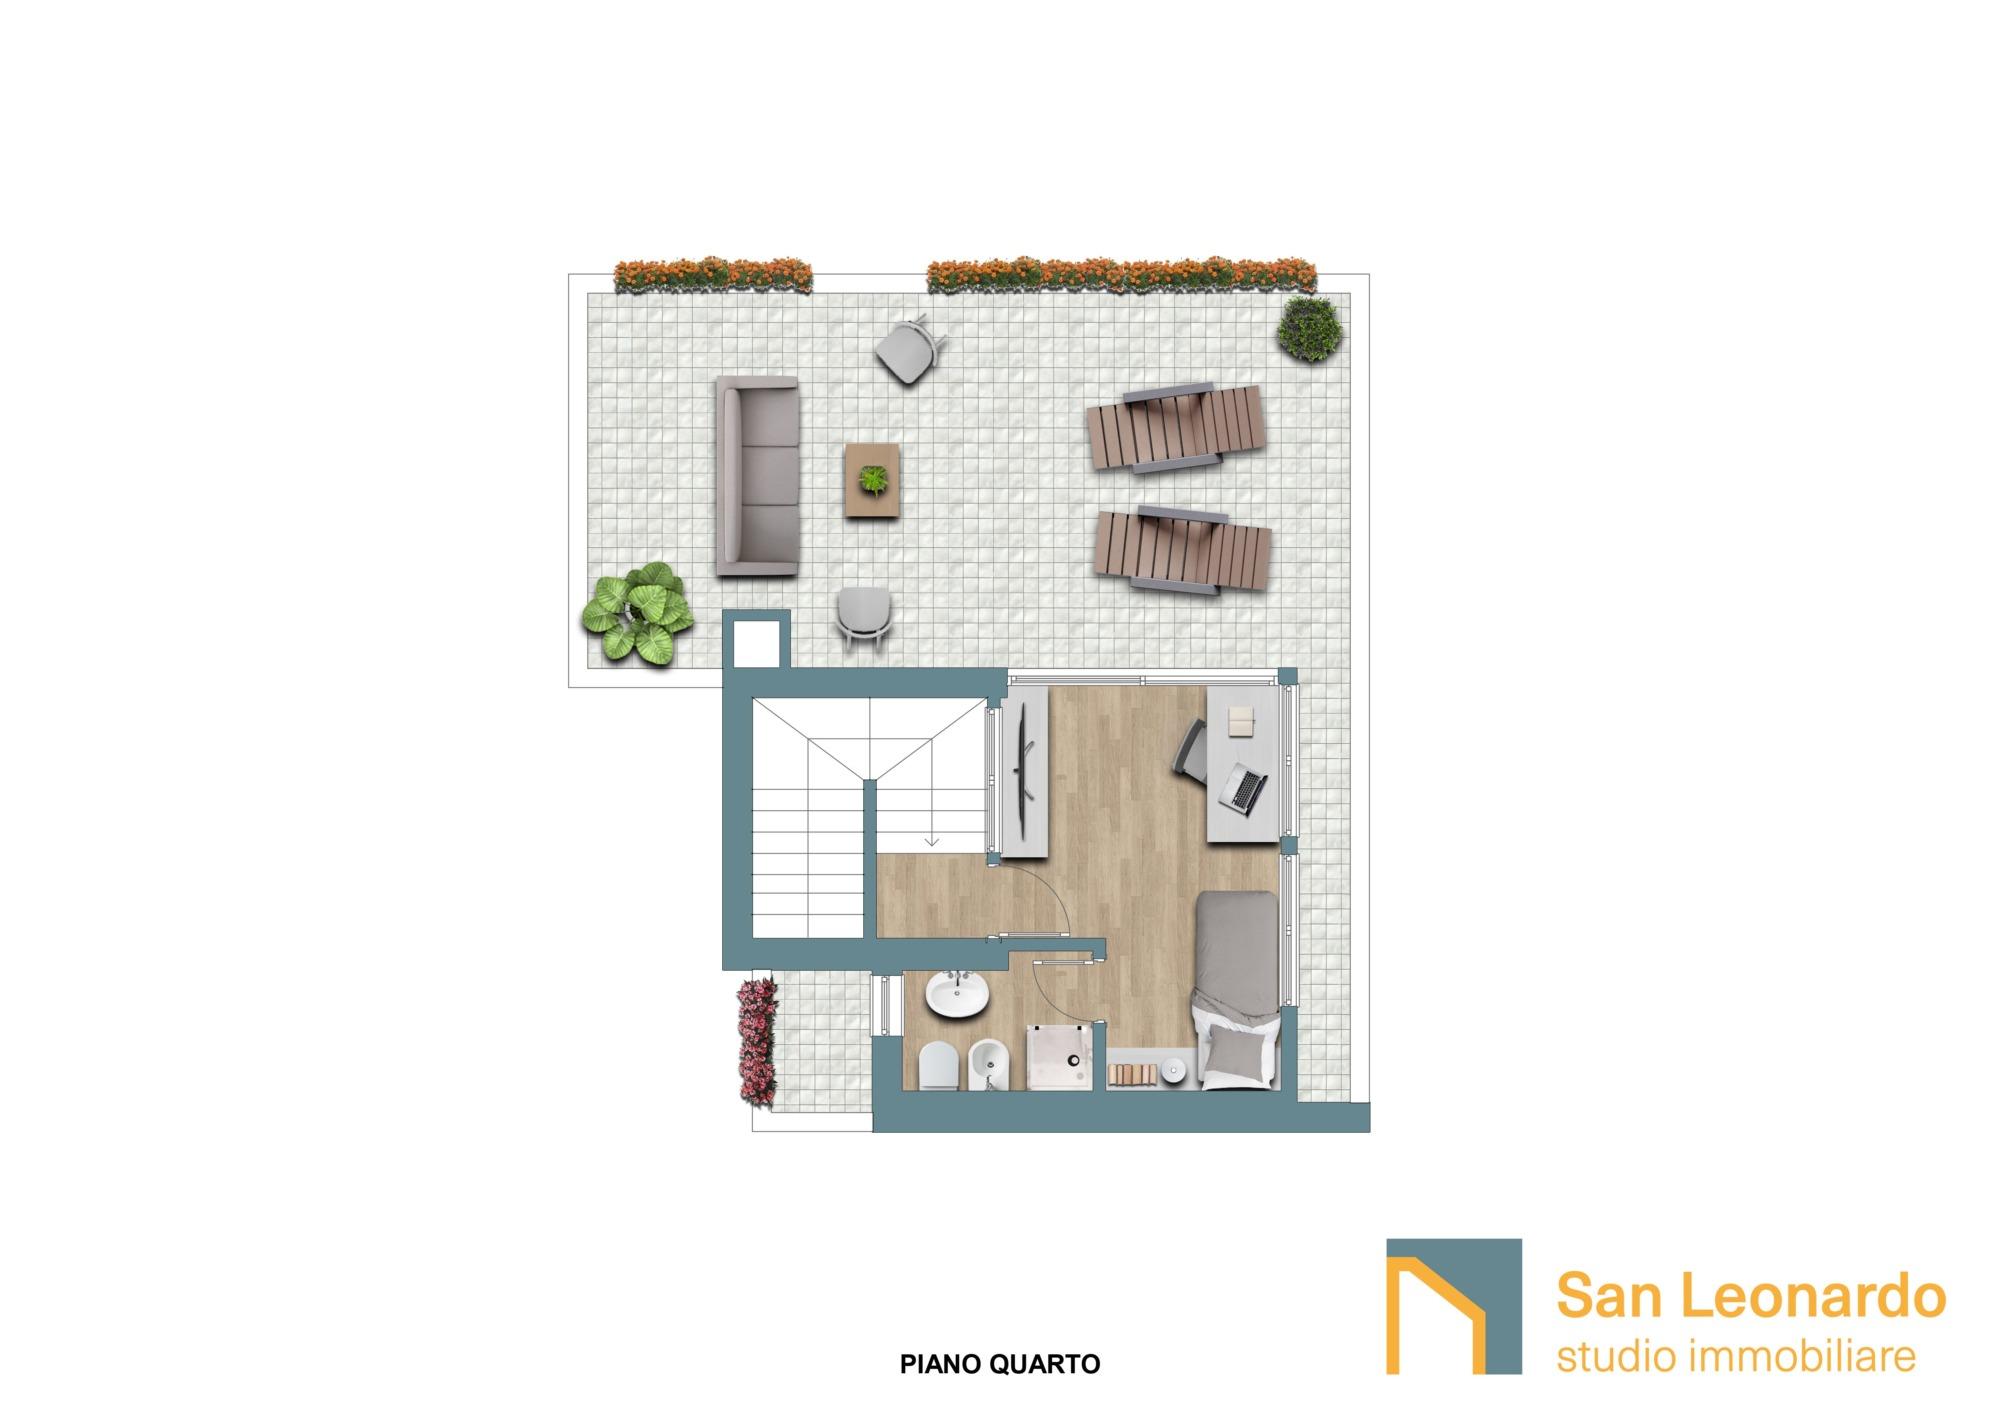 plani d studio san leonardo attico piano quarto jpg